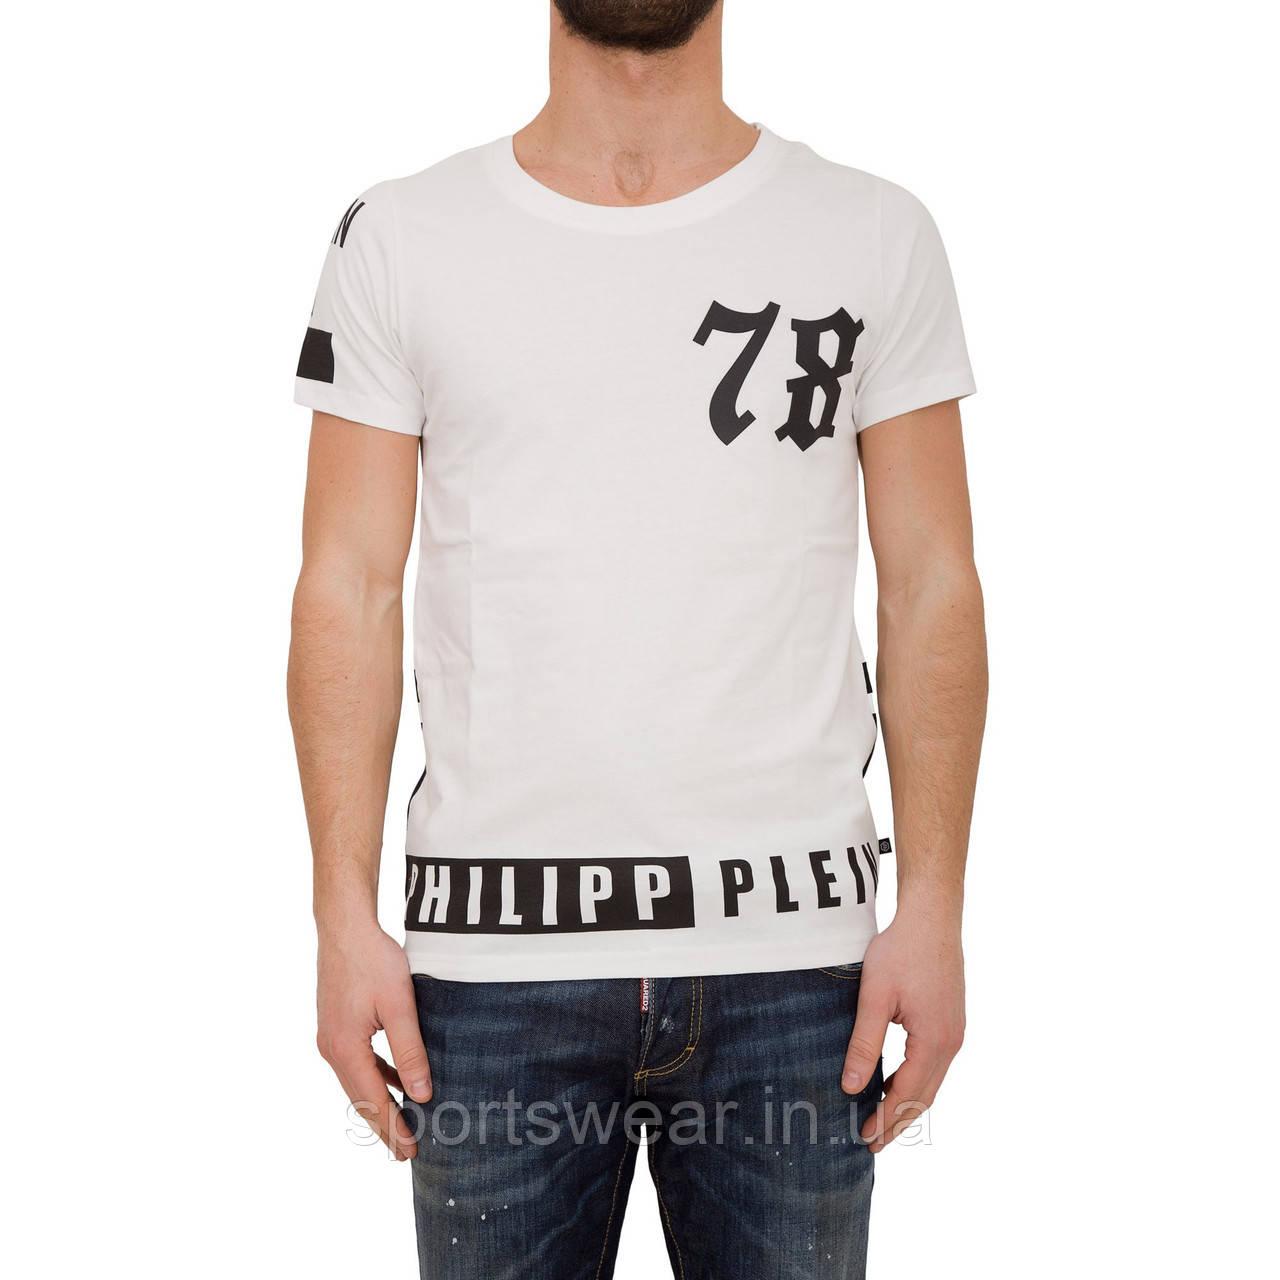 Мужская белая Футболка PHILIPP PLEIN 78